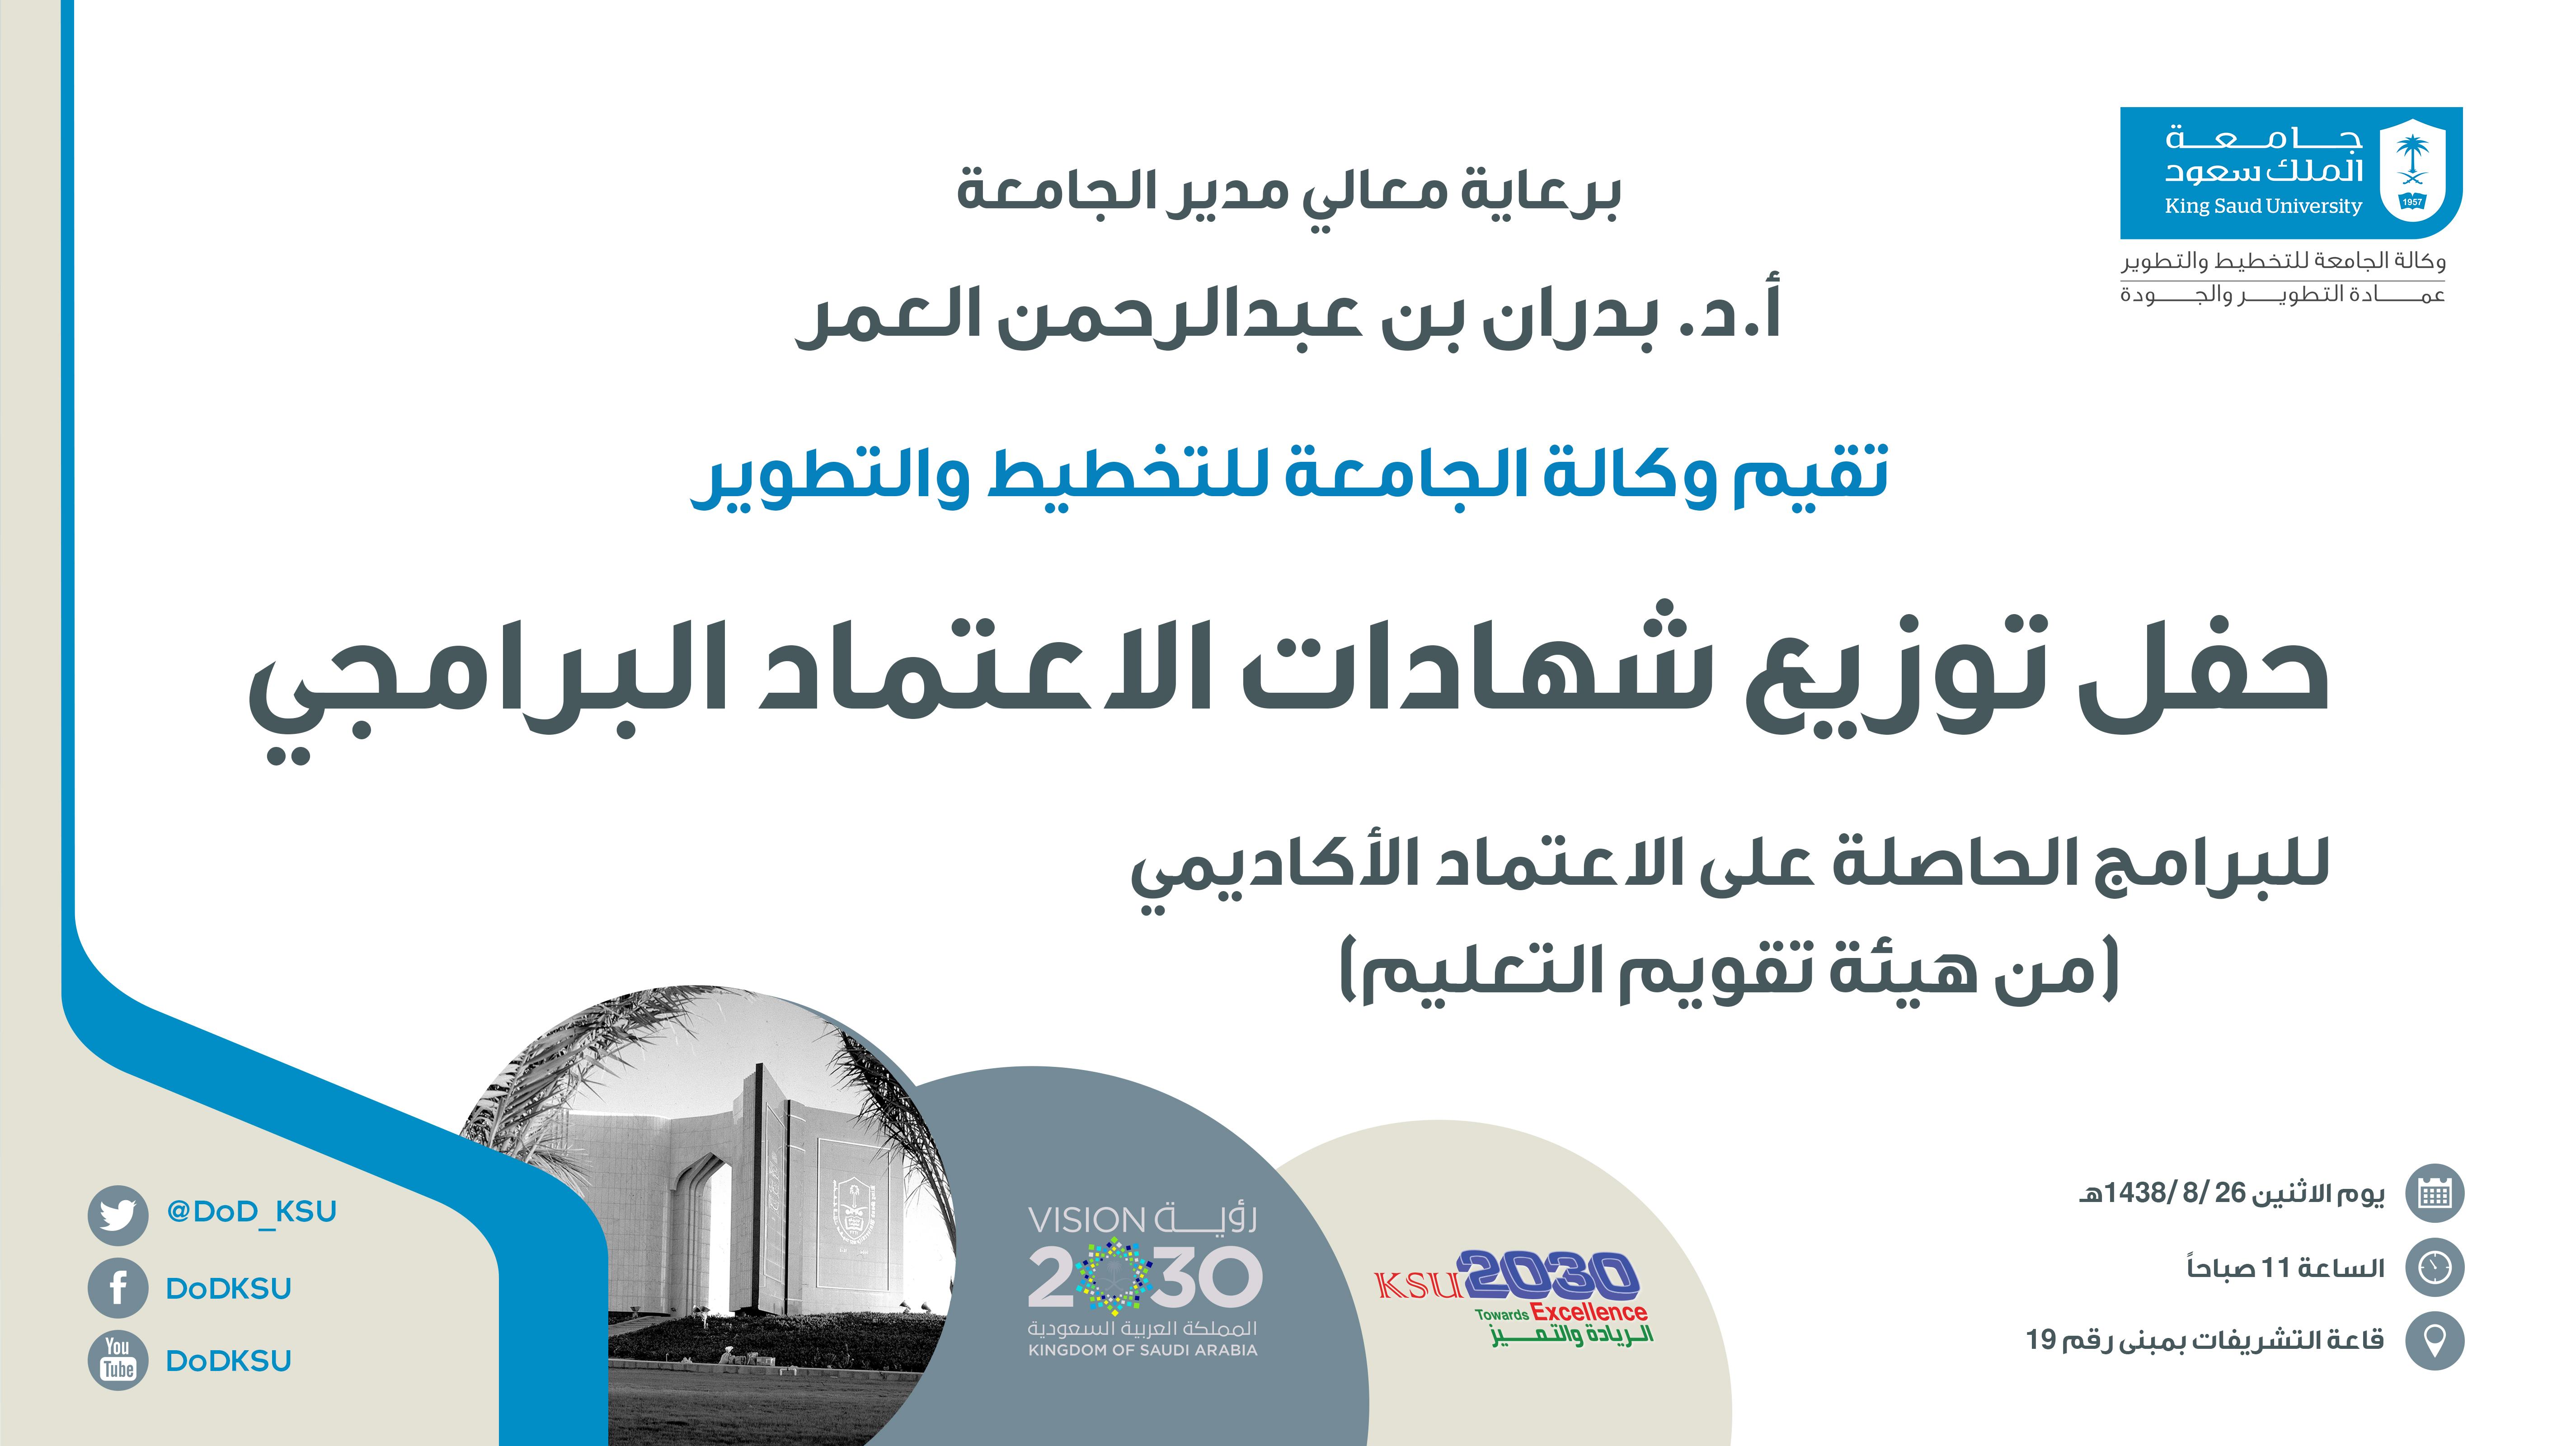 حفل توزيع شهادات الاعتماد البرامجي